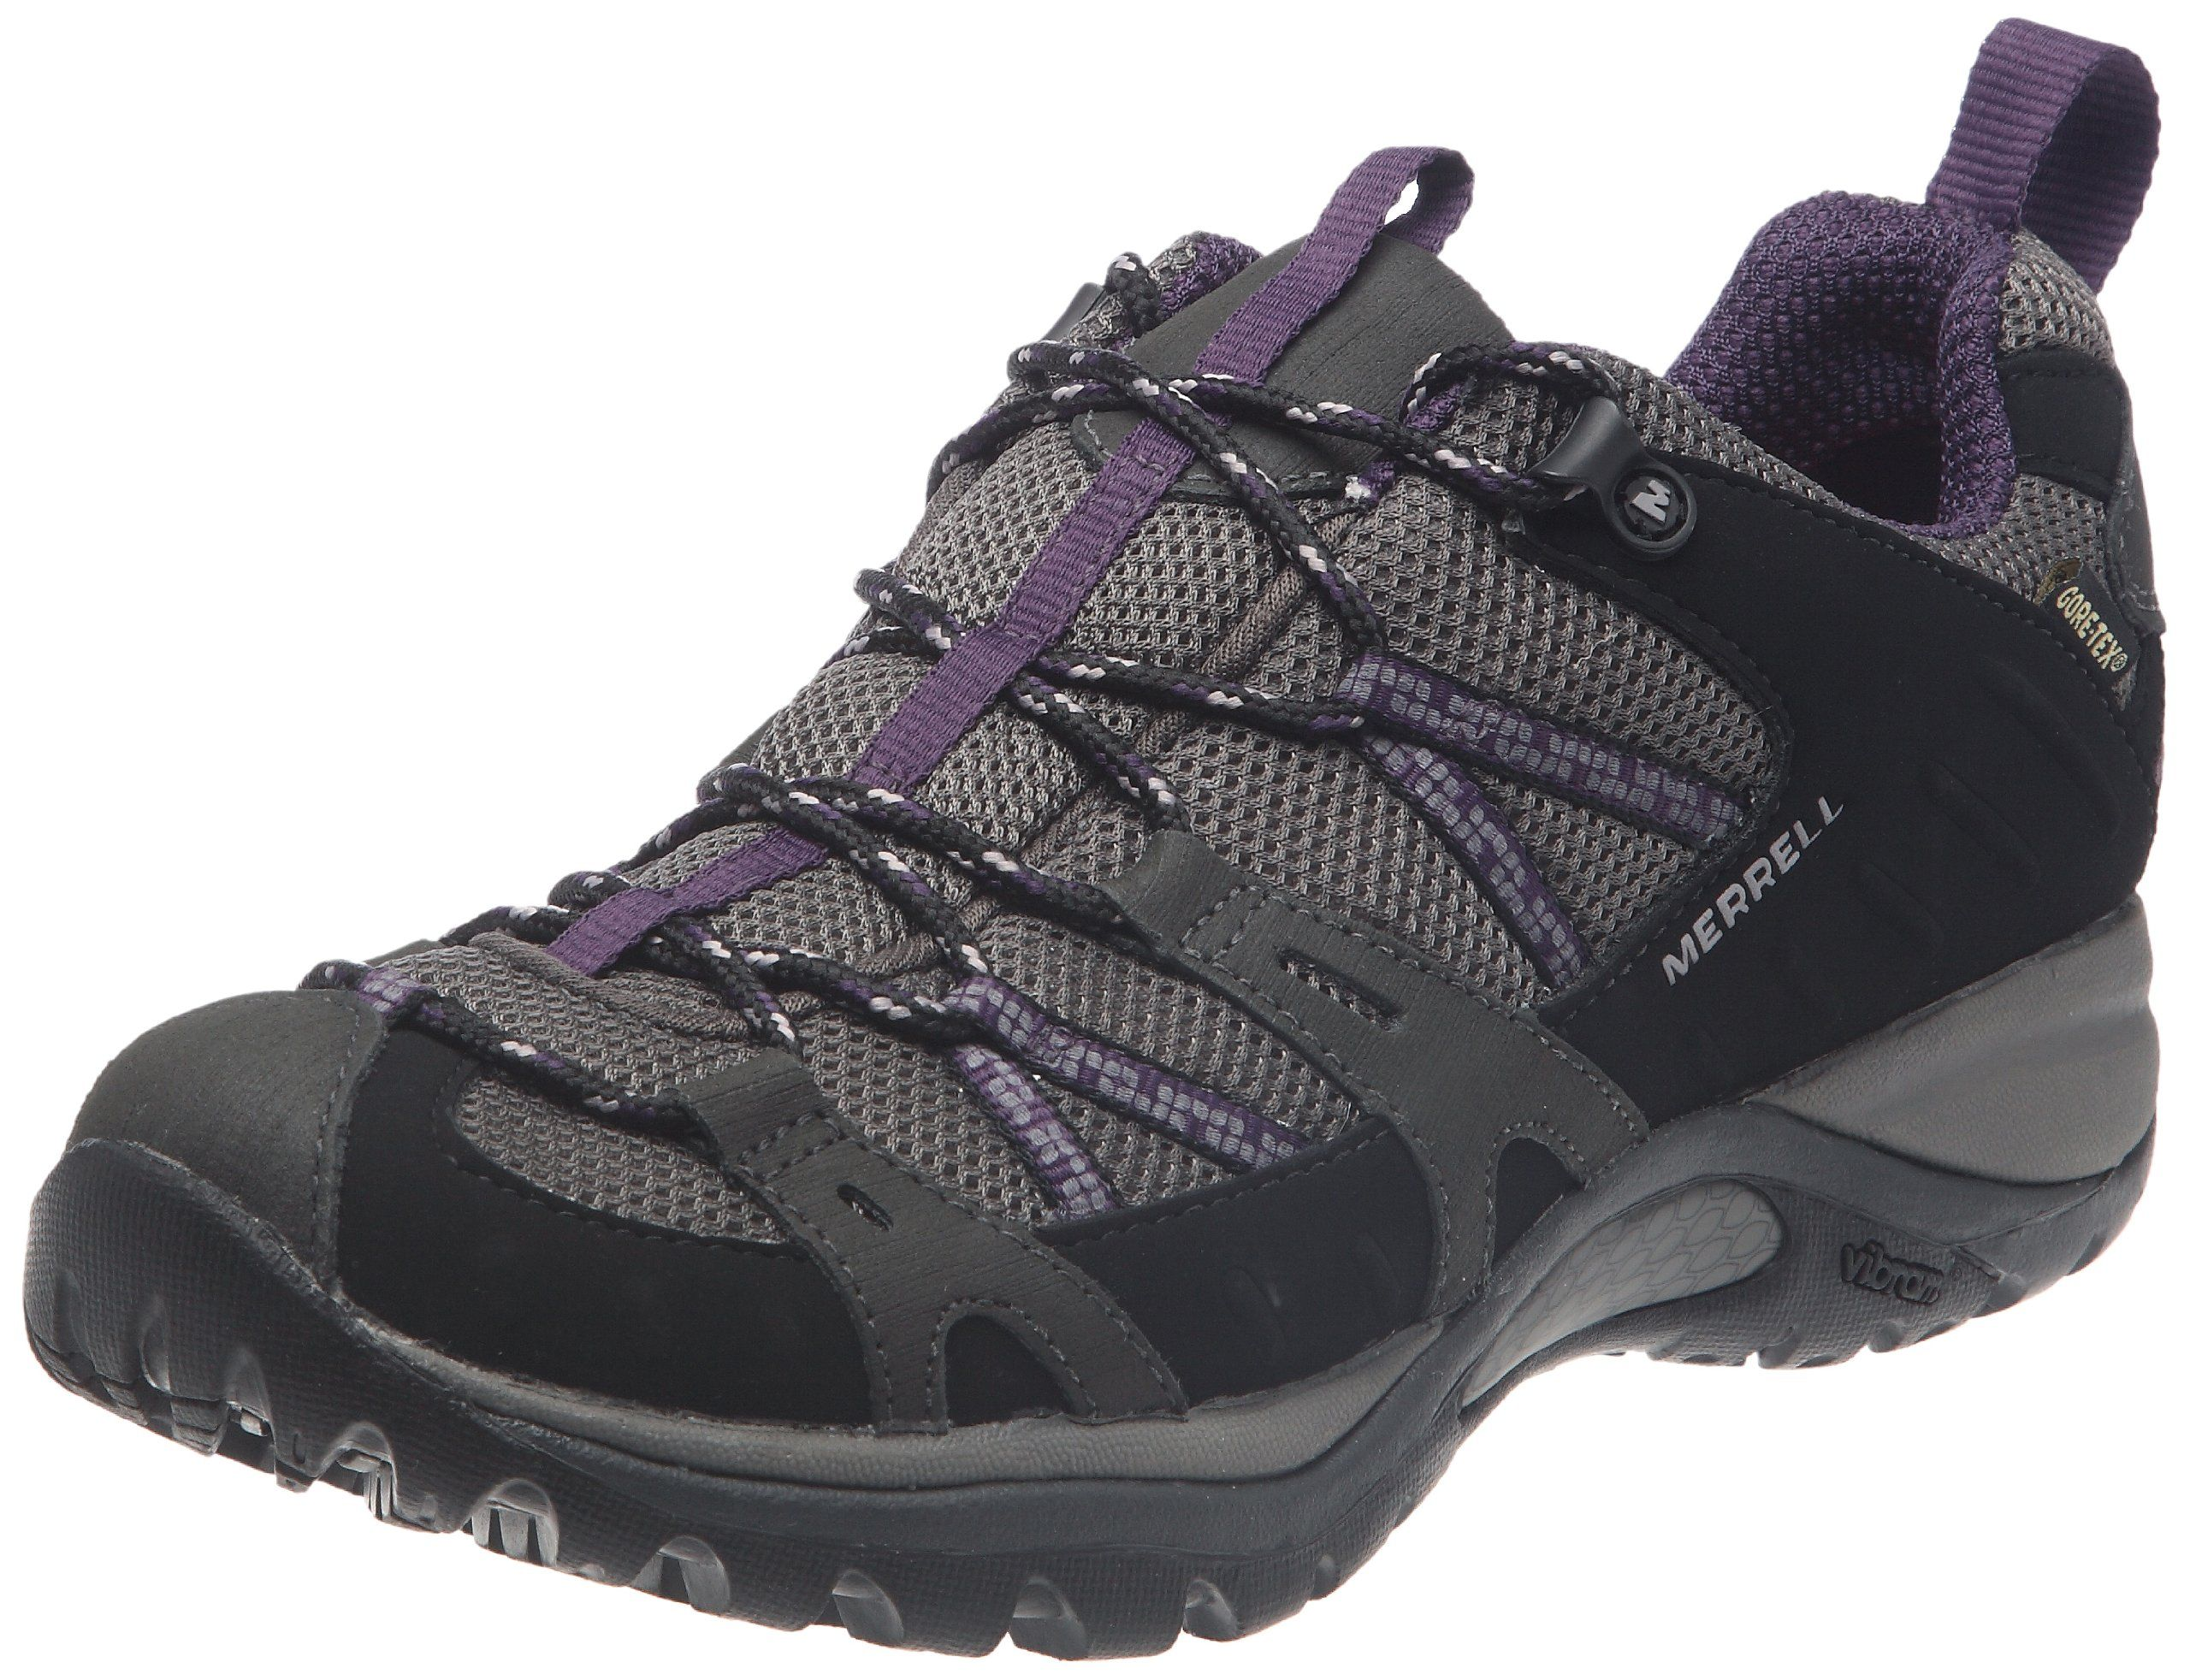 Merrell Siren Sport montaña Gtx Zapatillas de montaña Sport para mujer 4d7543